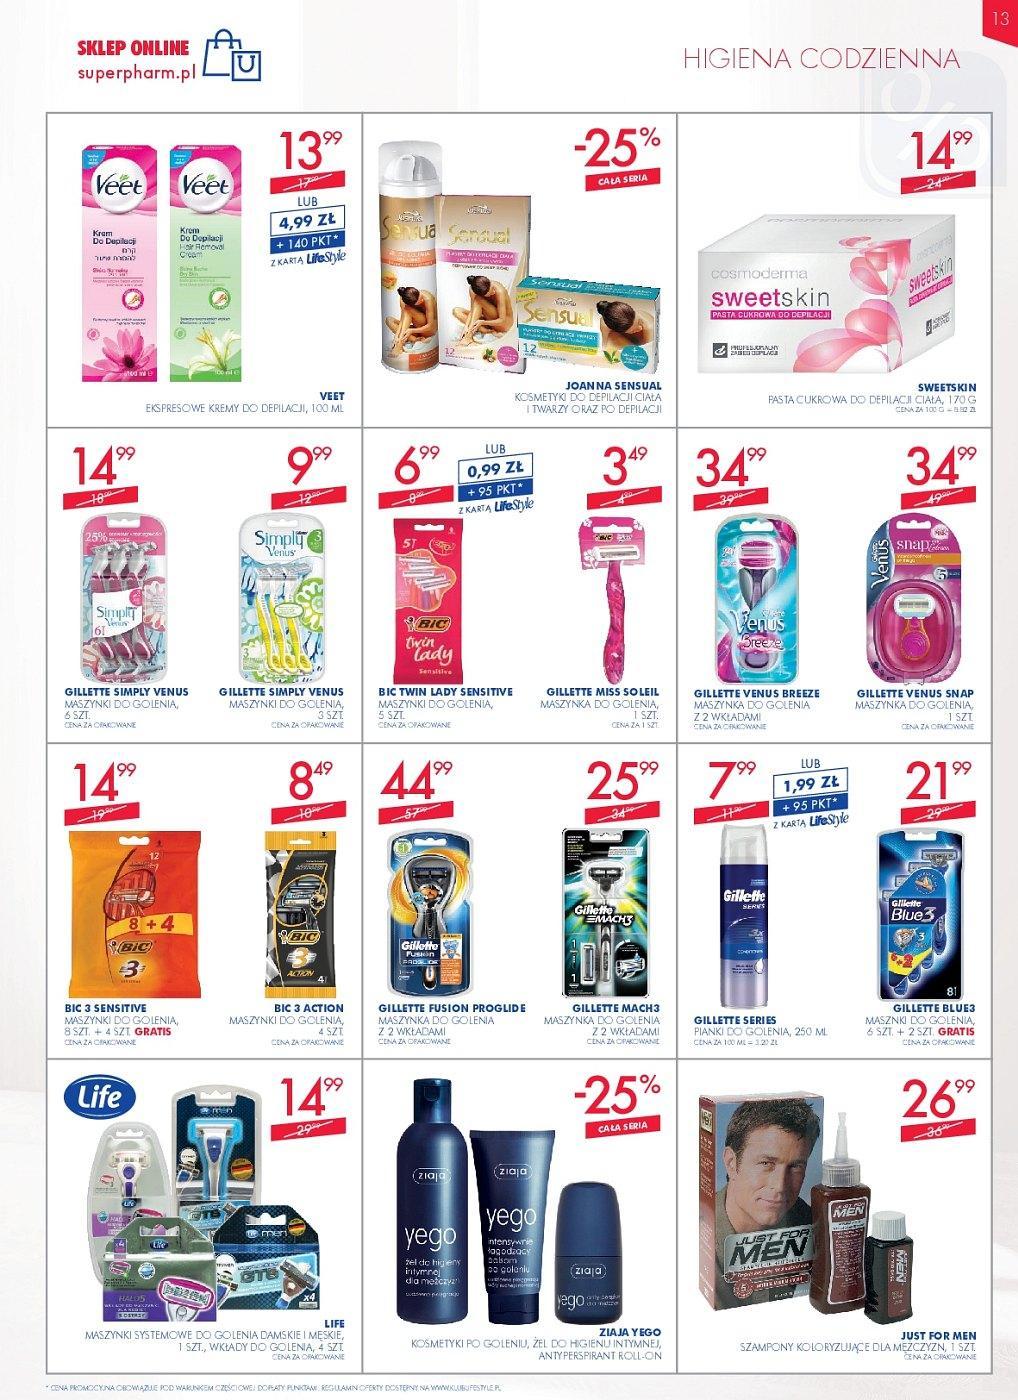 Gazetka promocyjna Superpharm do 27/06/2018 str.12